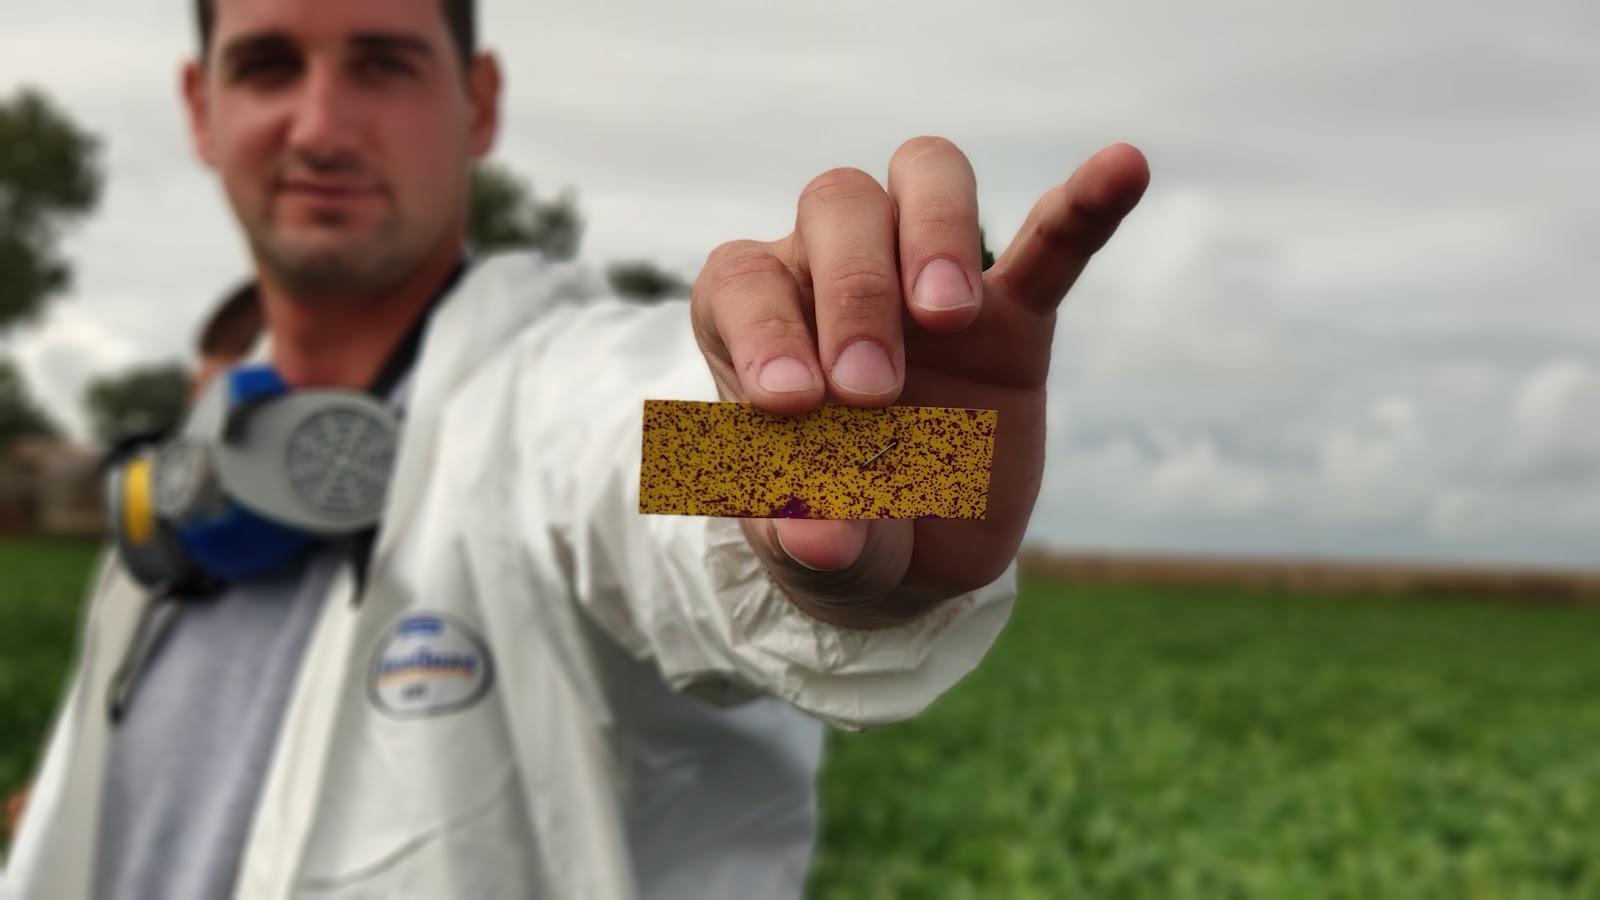 ¿Para qué sirve el coadyuvante fitosanitario?